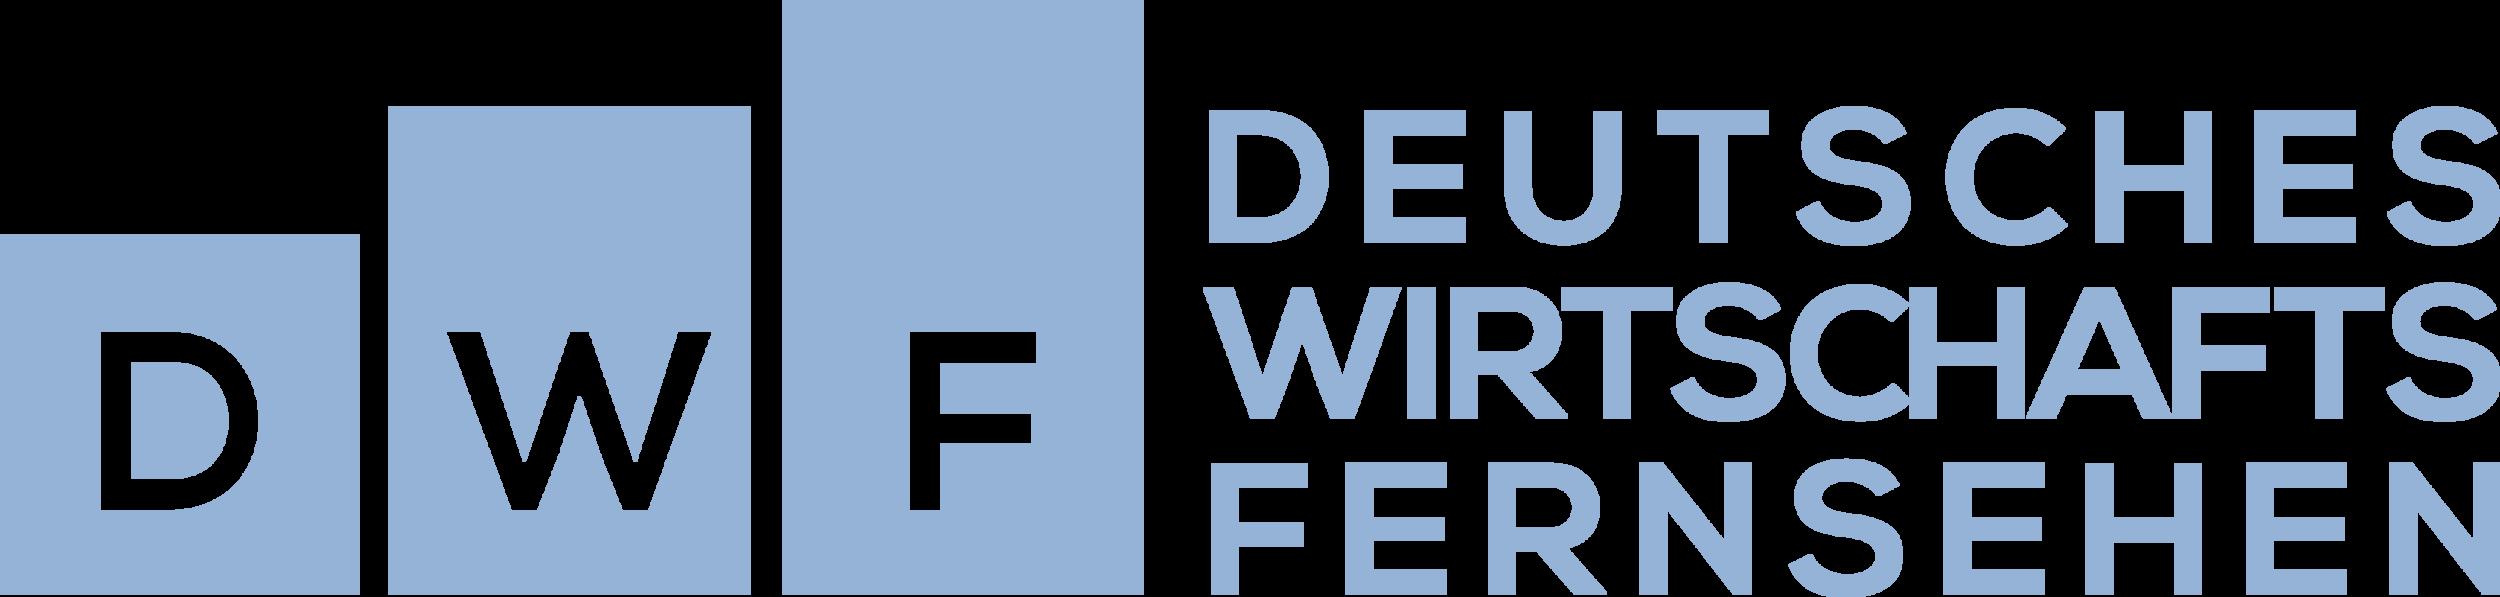 DWF-Logo_Digital-Blau@300dpi.png